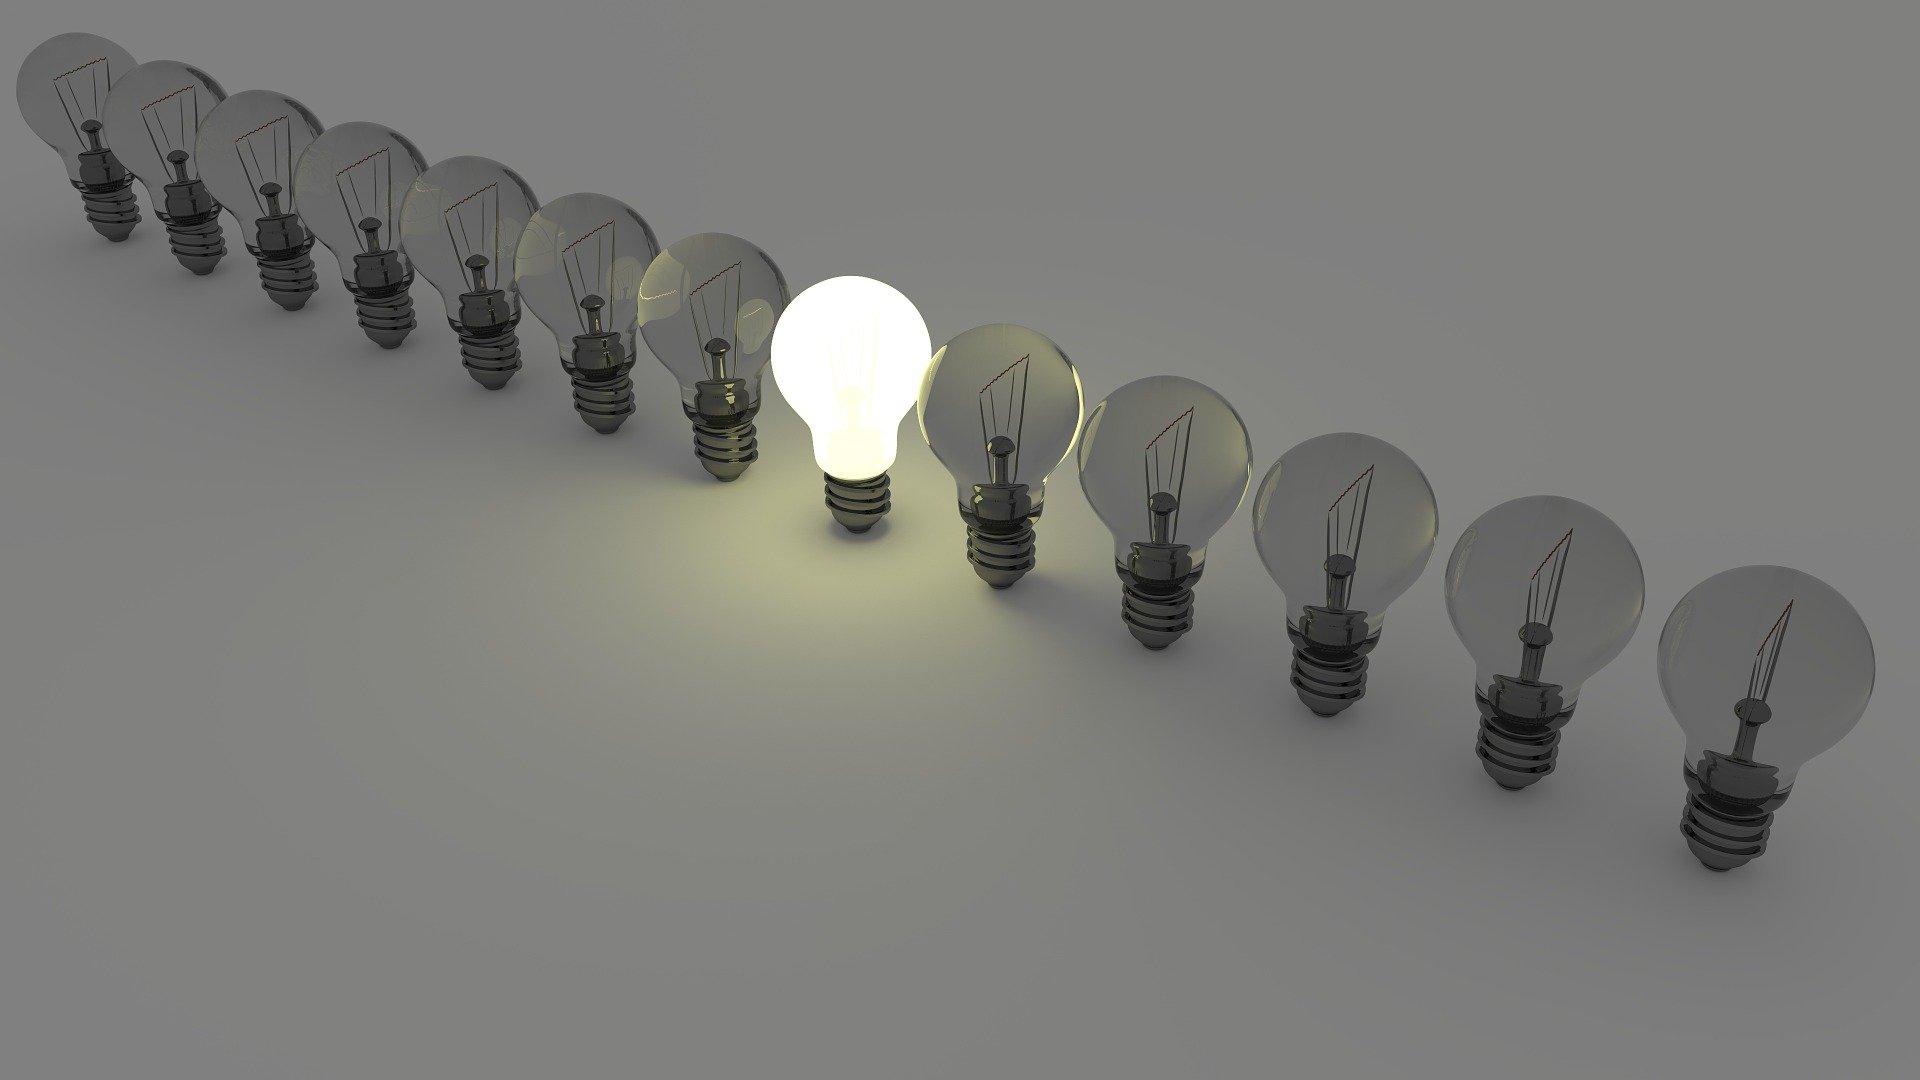 В ряде кировских домов 22 марта планируется отключение электричества